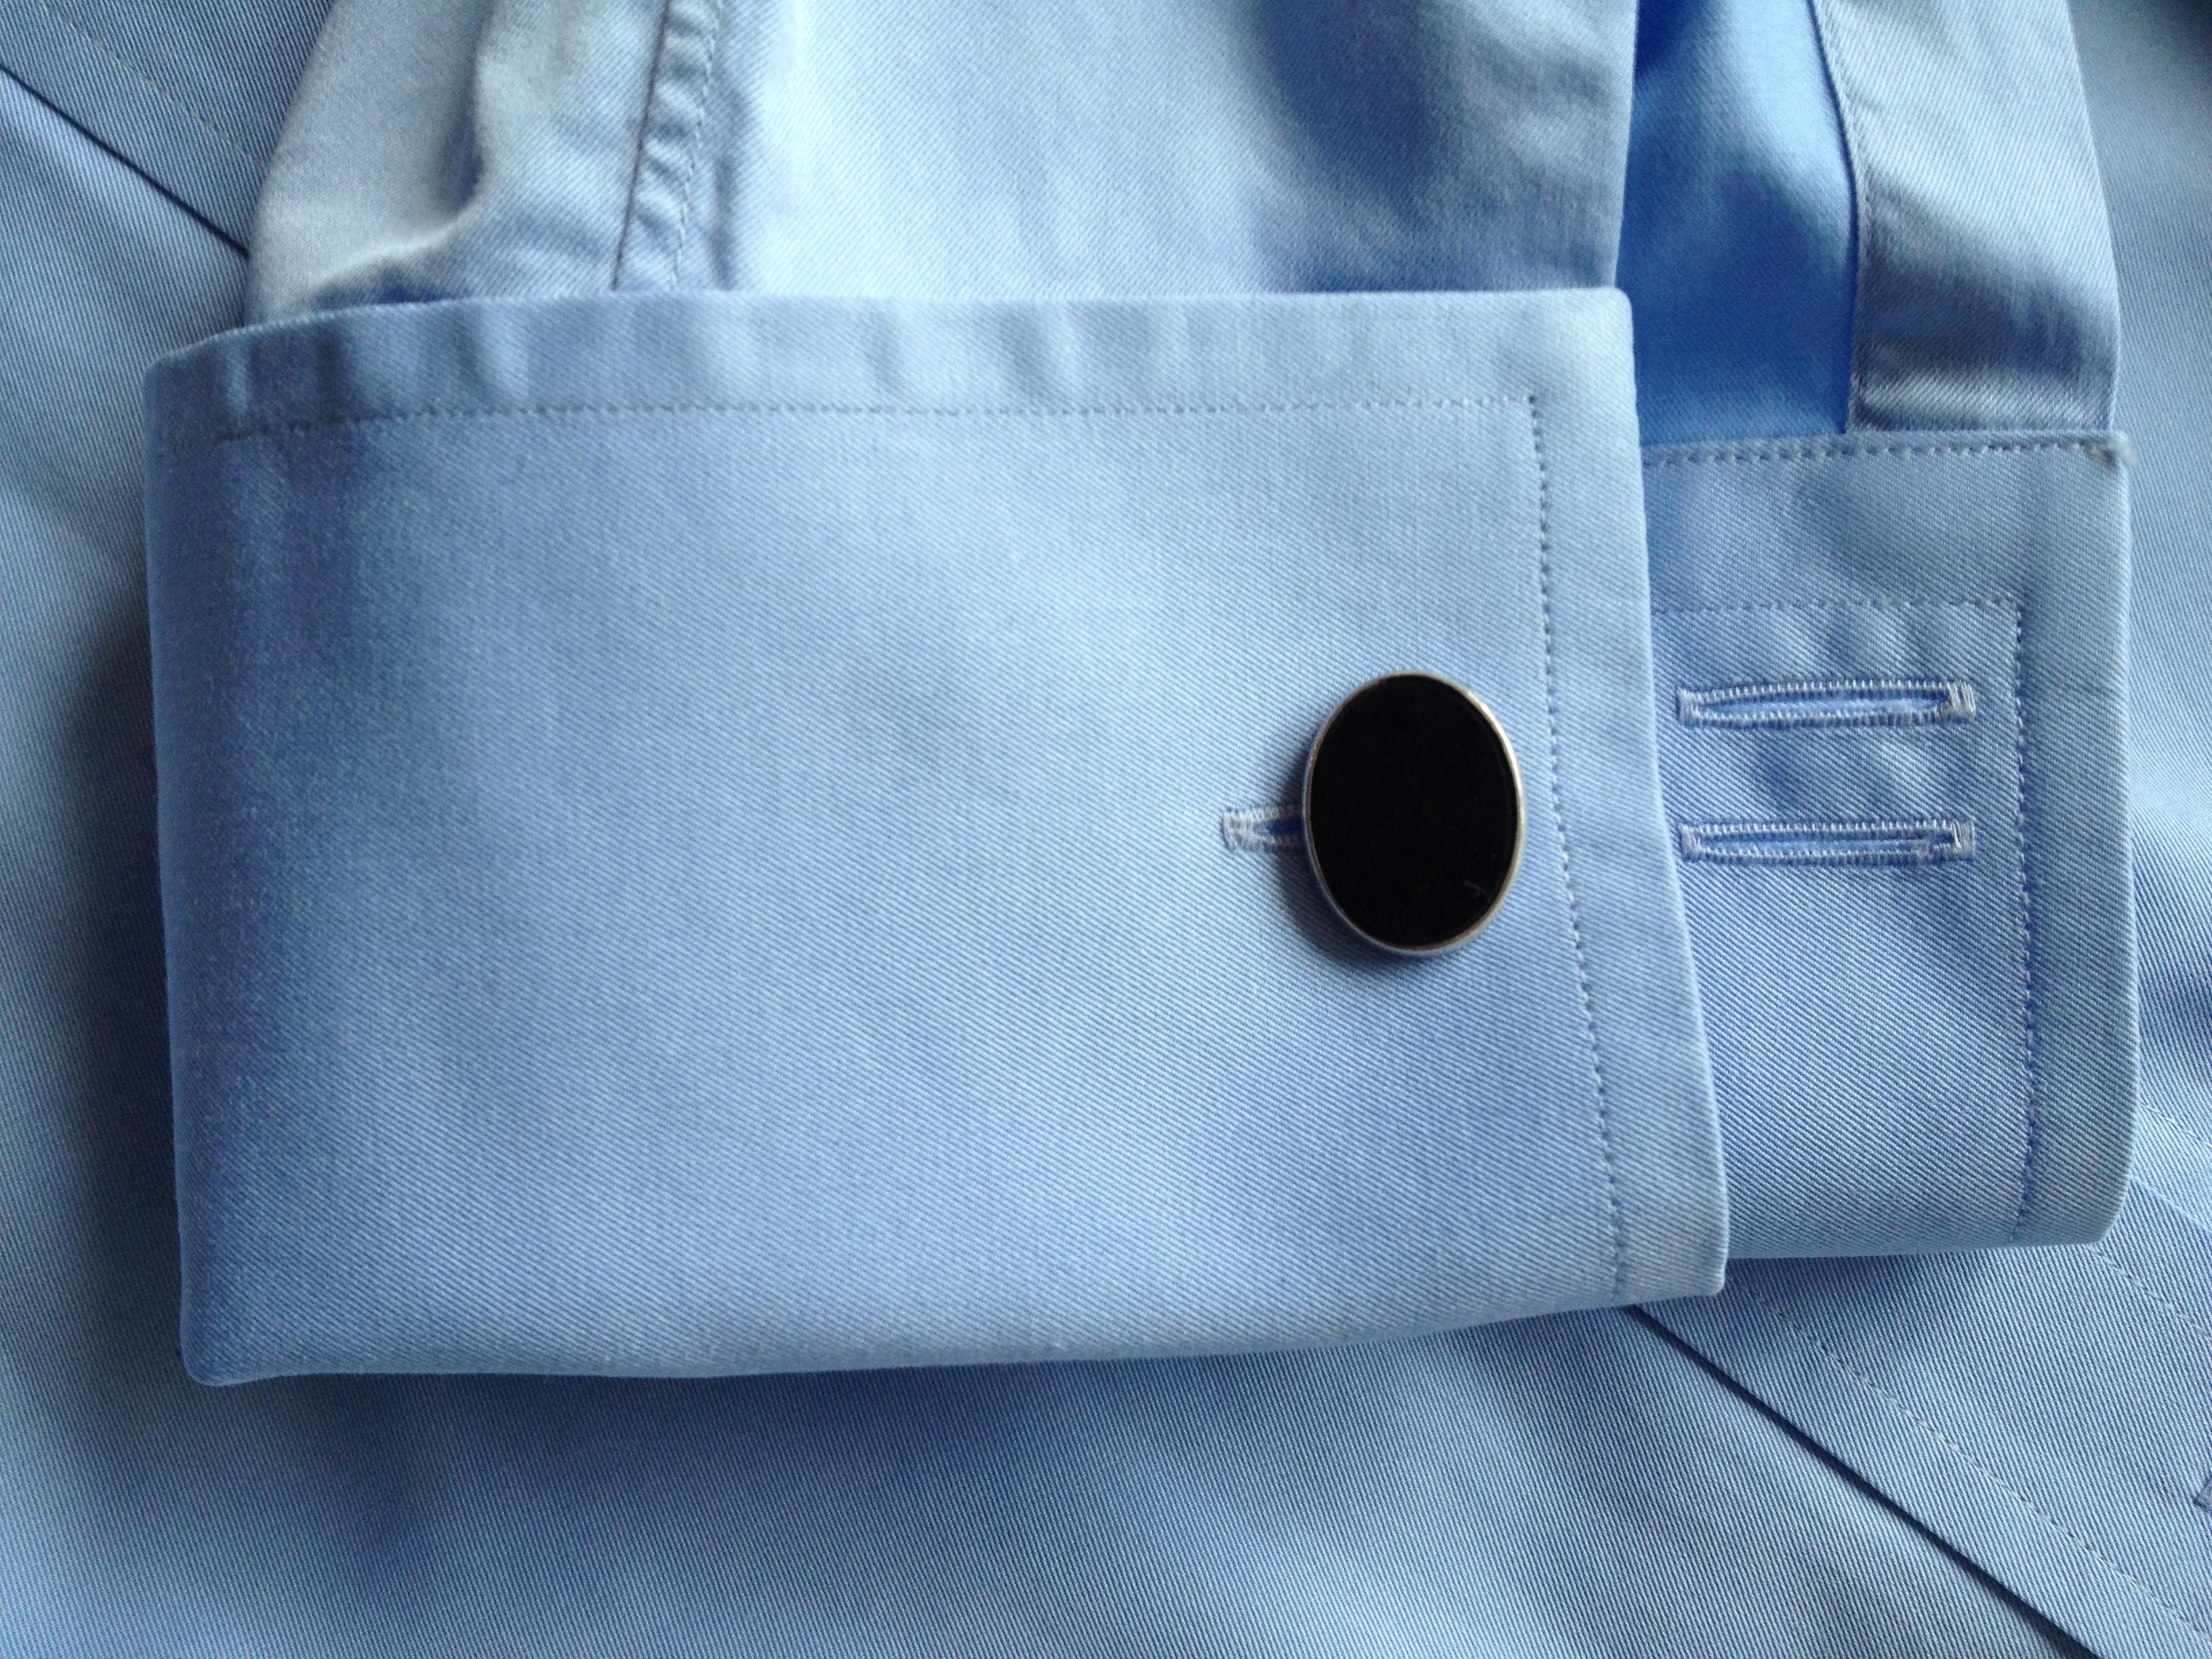 Gentlemannens garderob | Vintagemannen | Sida 6